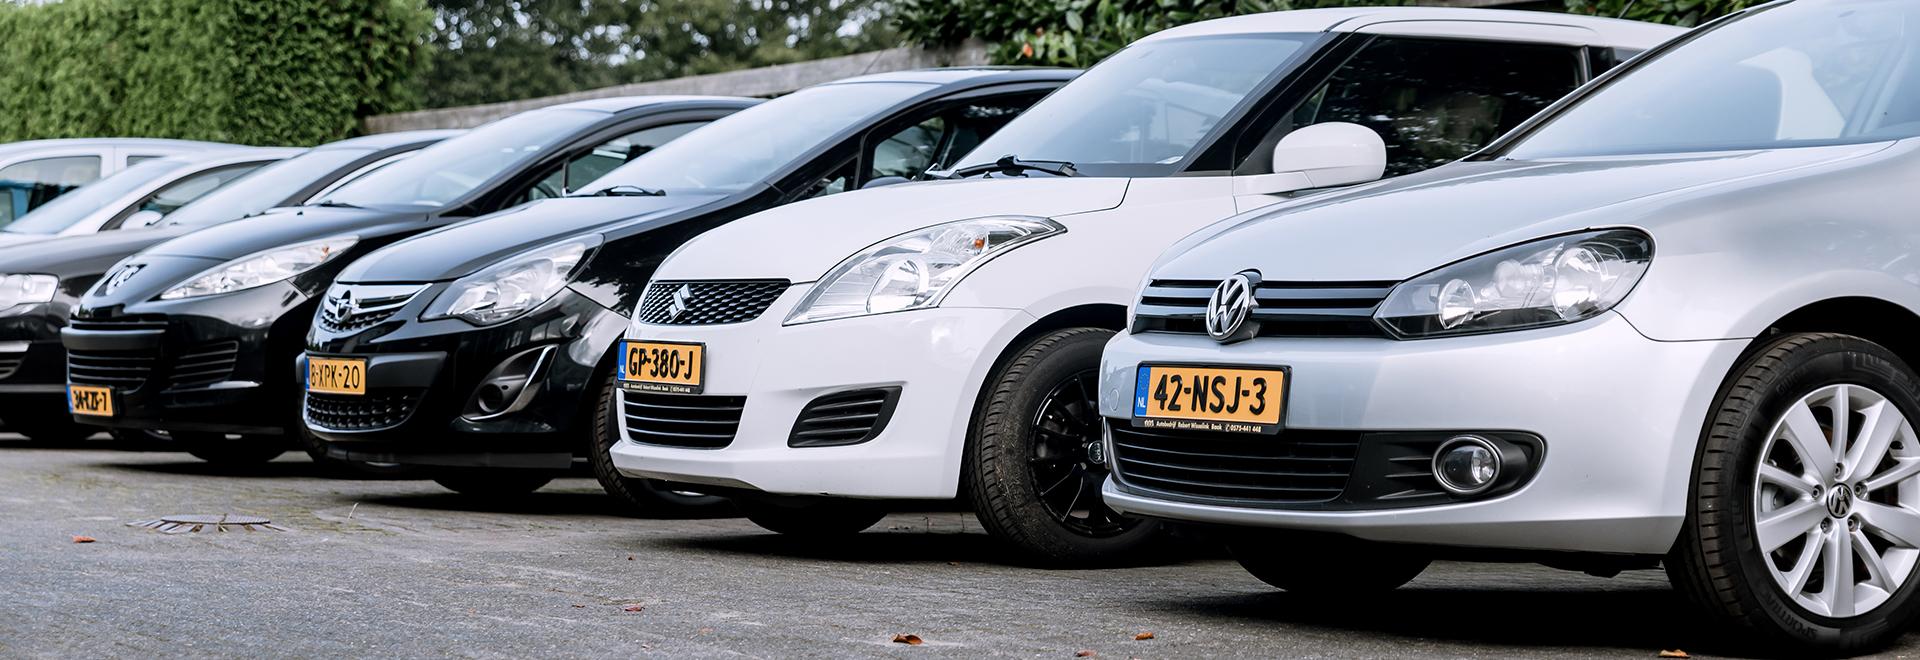 Verkoop autobedrijf Robert Wisselink auto kopen Baak